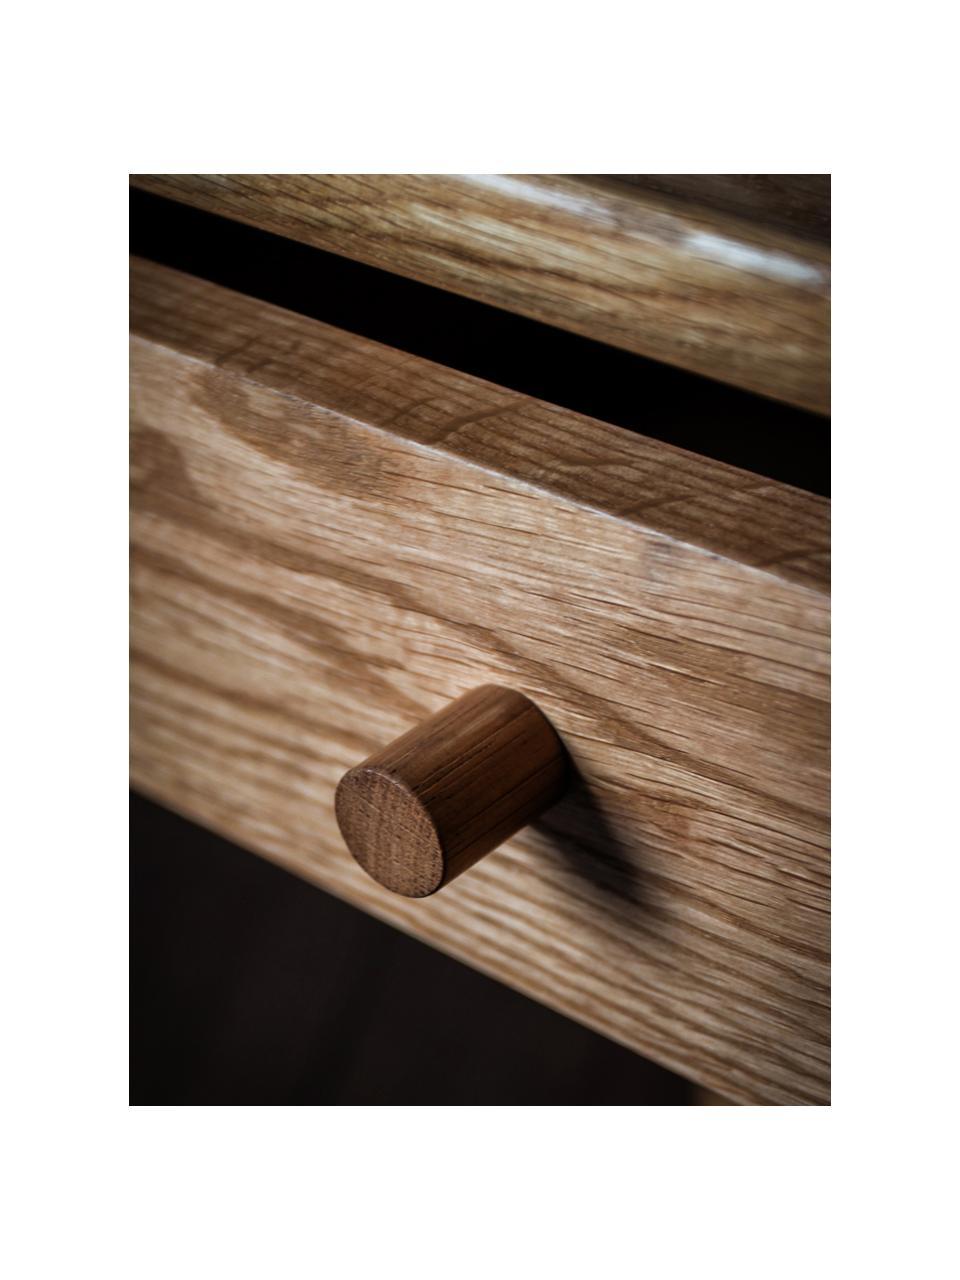 Nachttisch Wycombe aus Eichenholz, Eichenholz, 50 x 63 cm